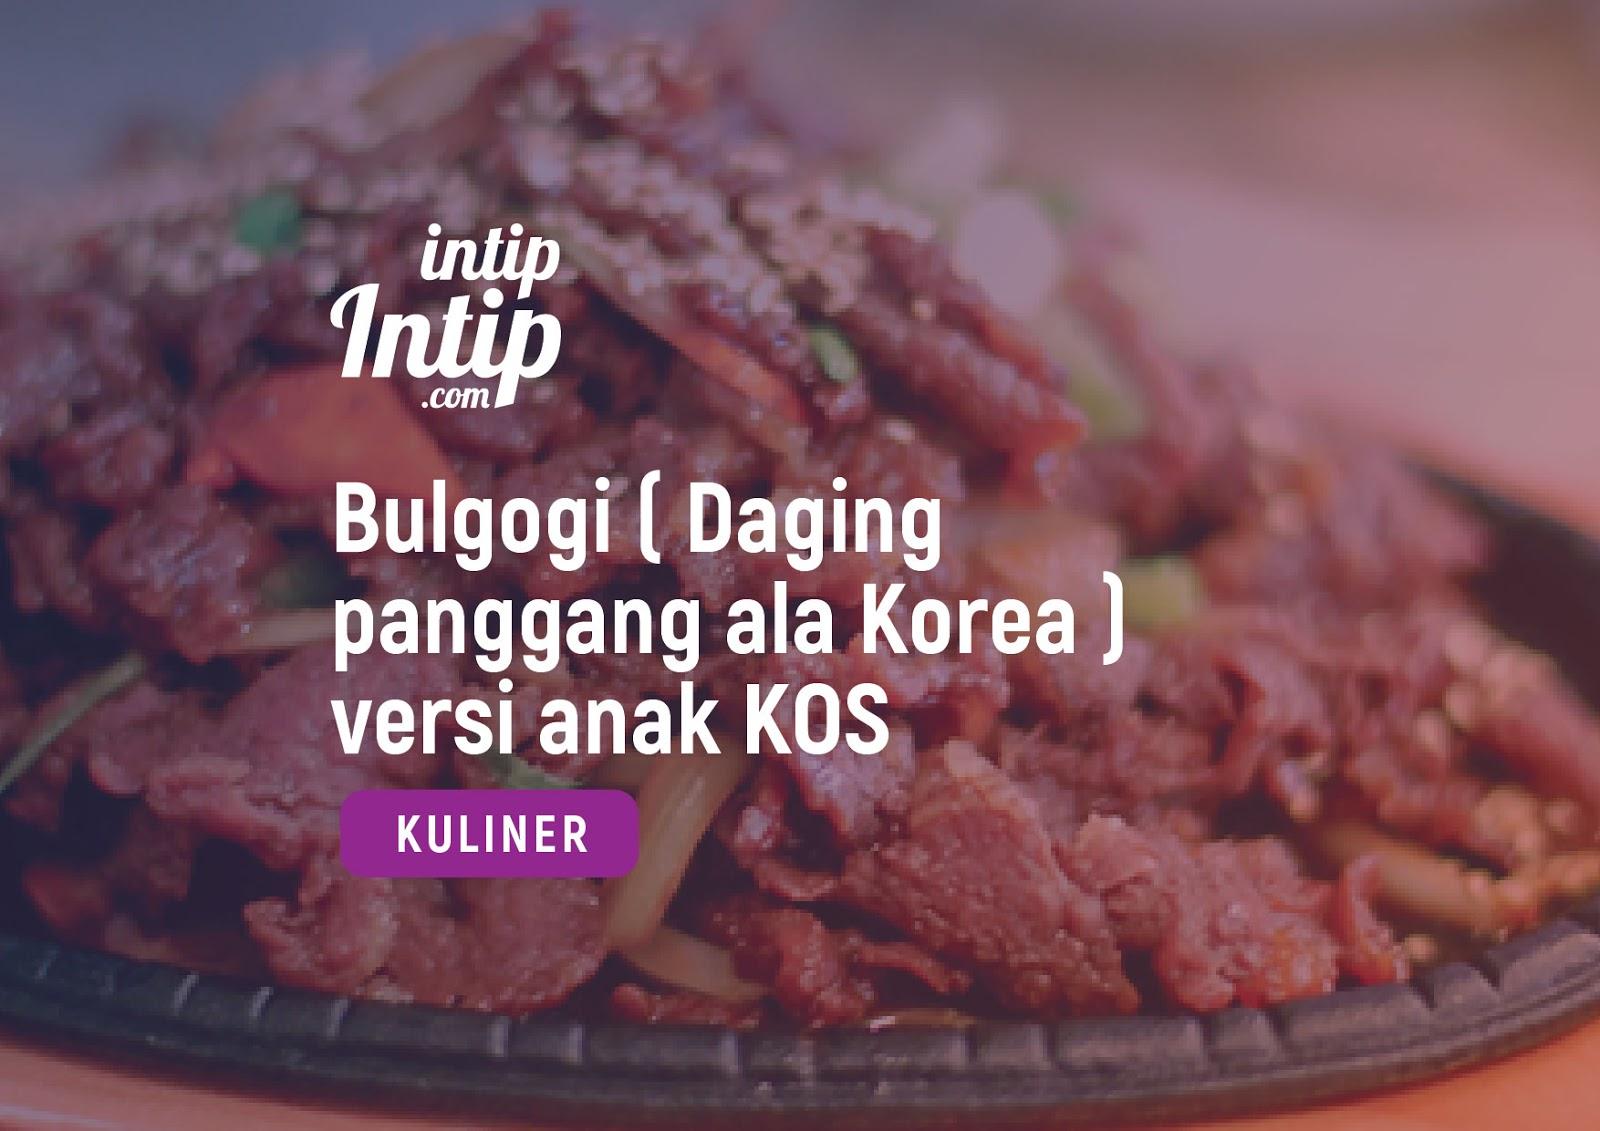 Bulgogi (Daging panggang ala Korea) versi anak KOS